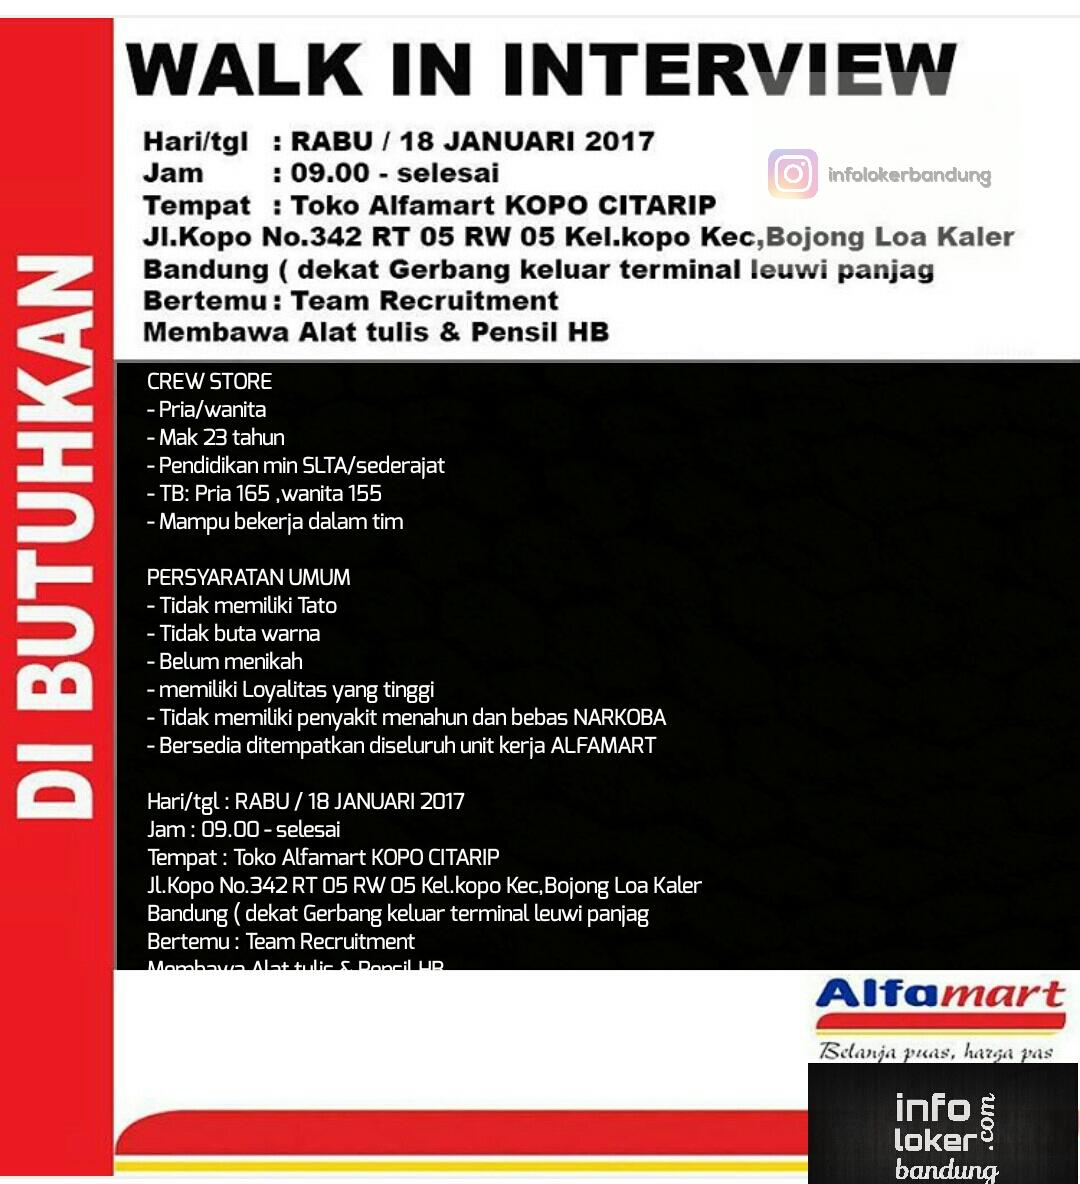 Lowongan Kerja Alfamart Kopo Citarip Bandung Januari 2017